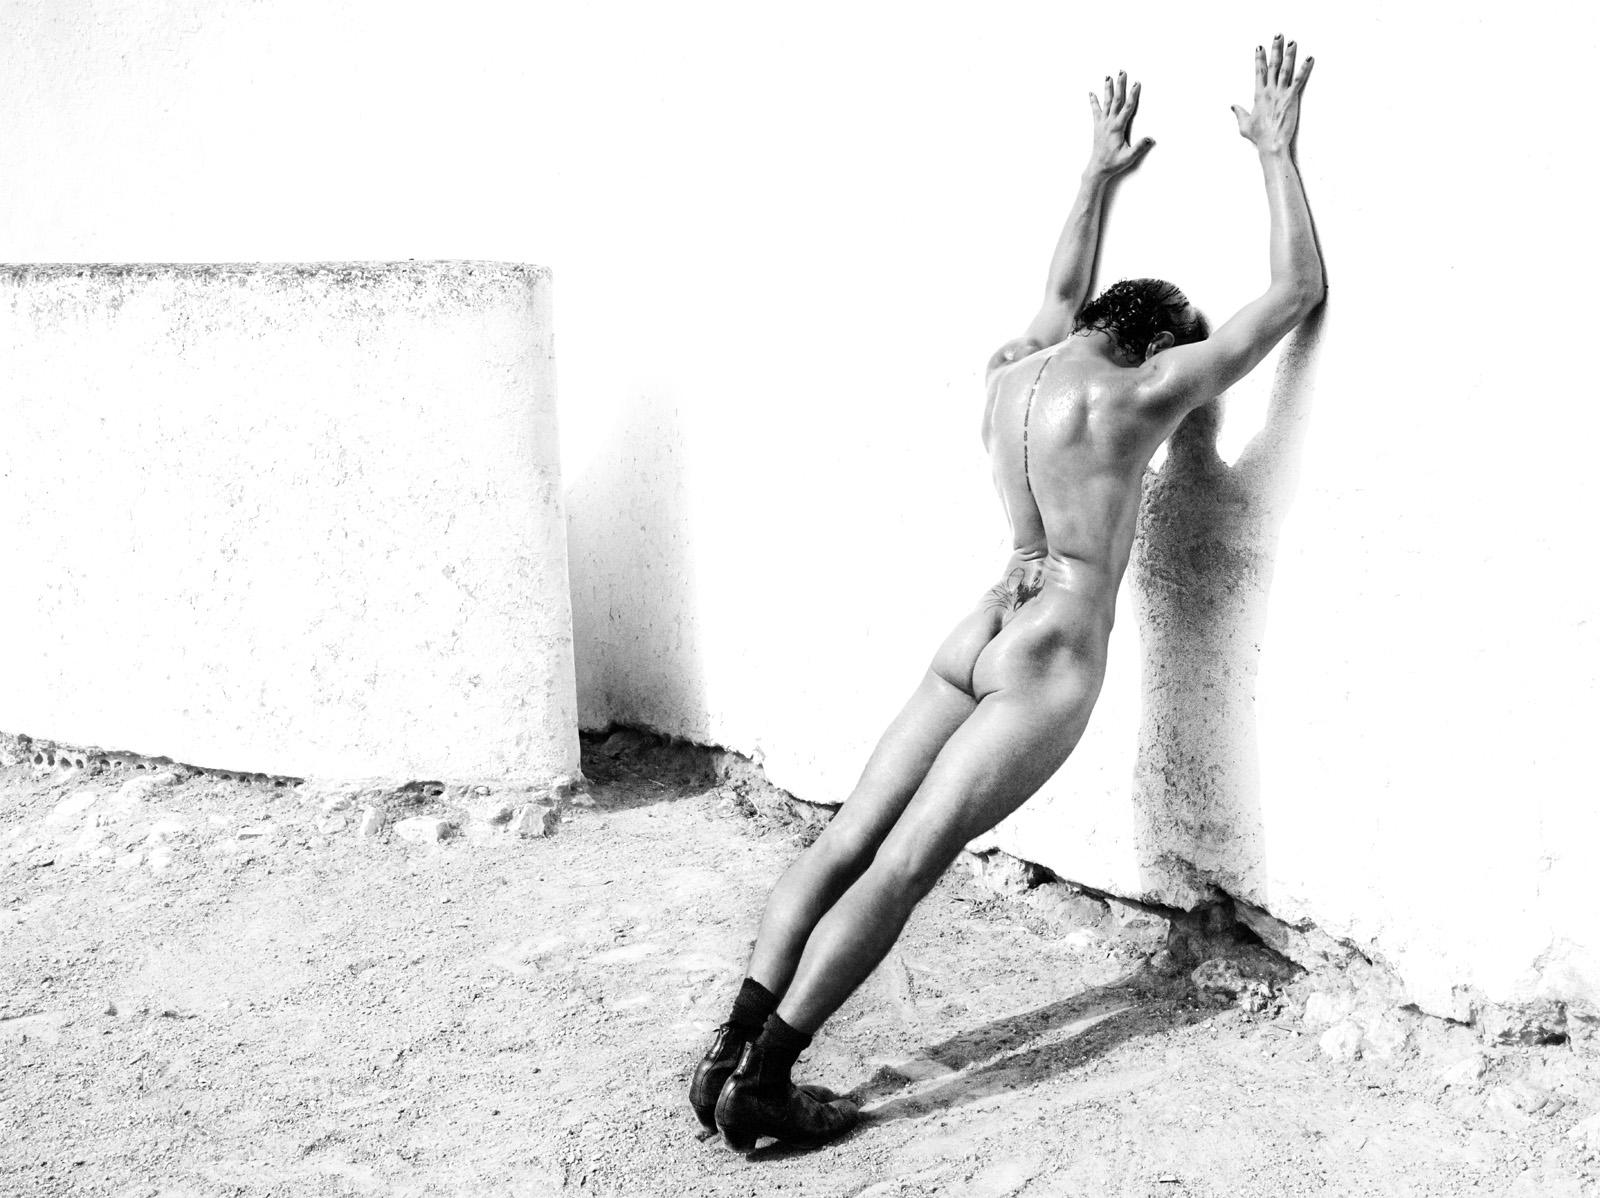 Spirit & Flesh - The Men of Flamenco 5